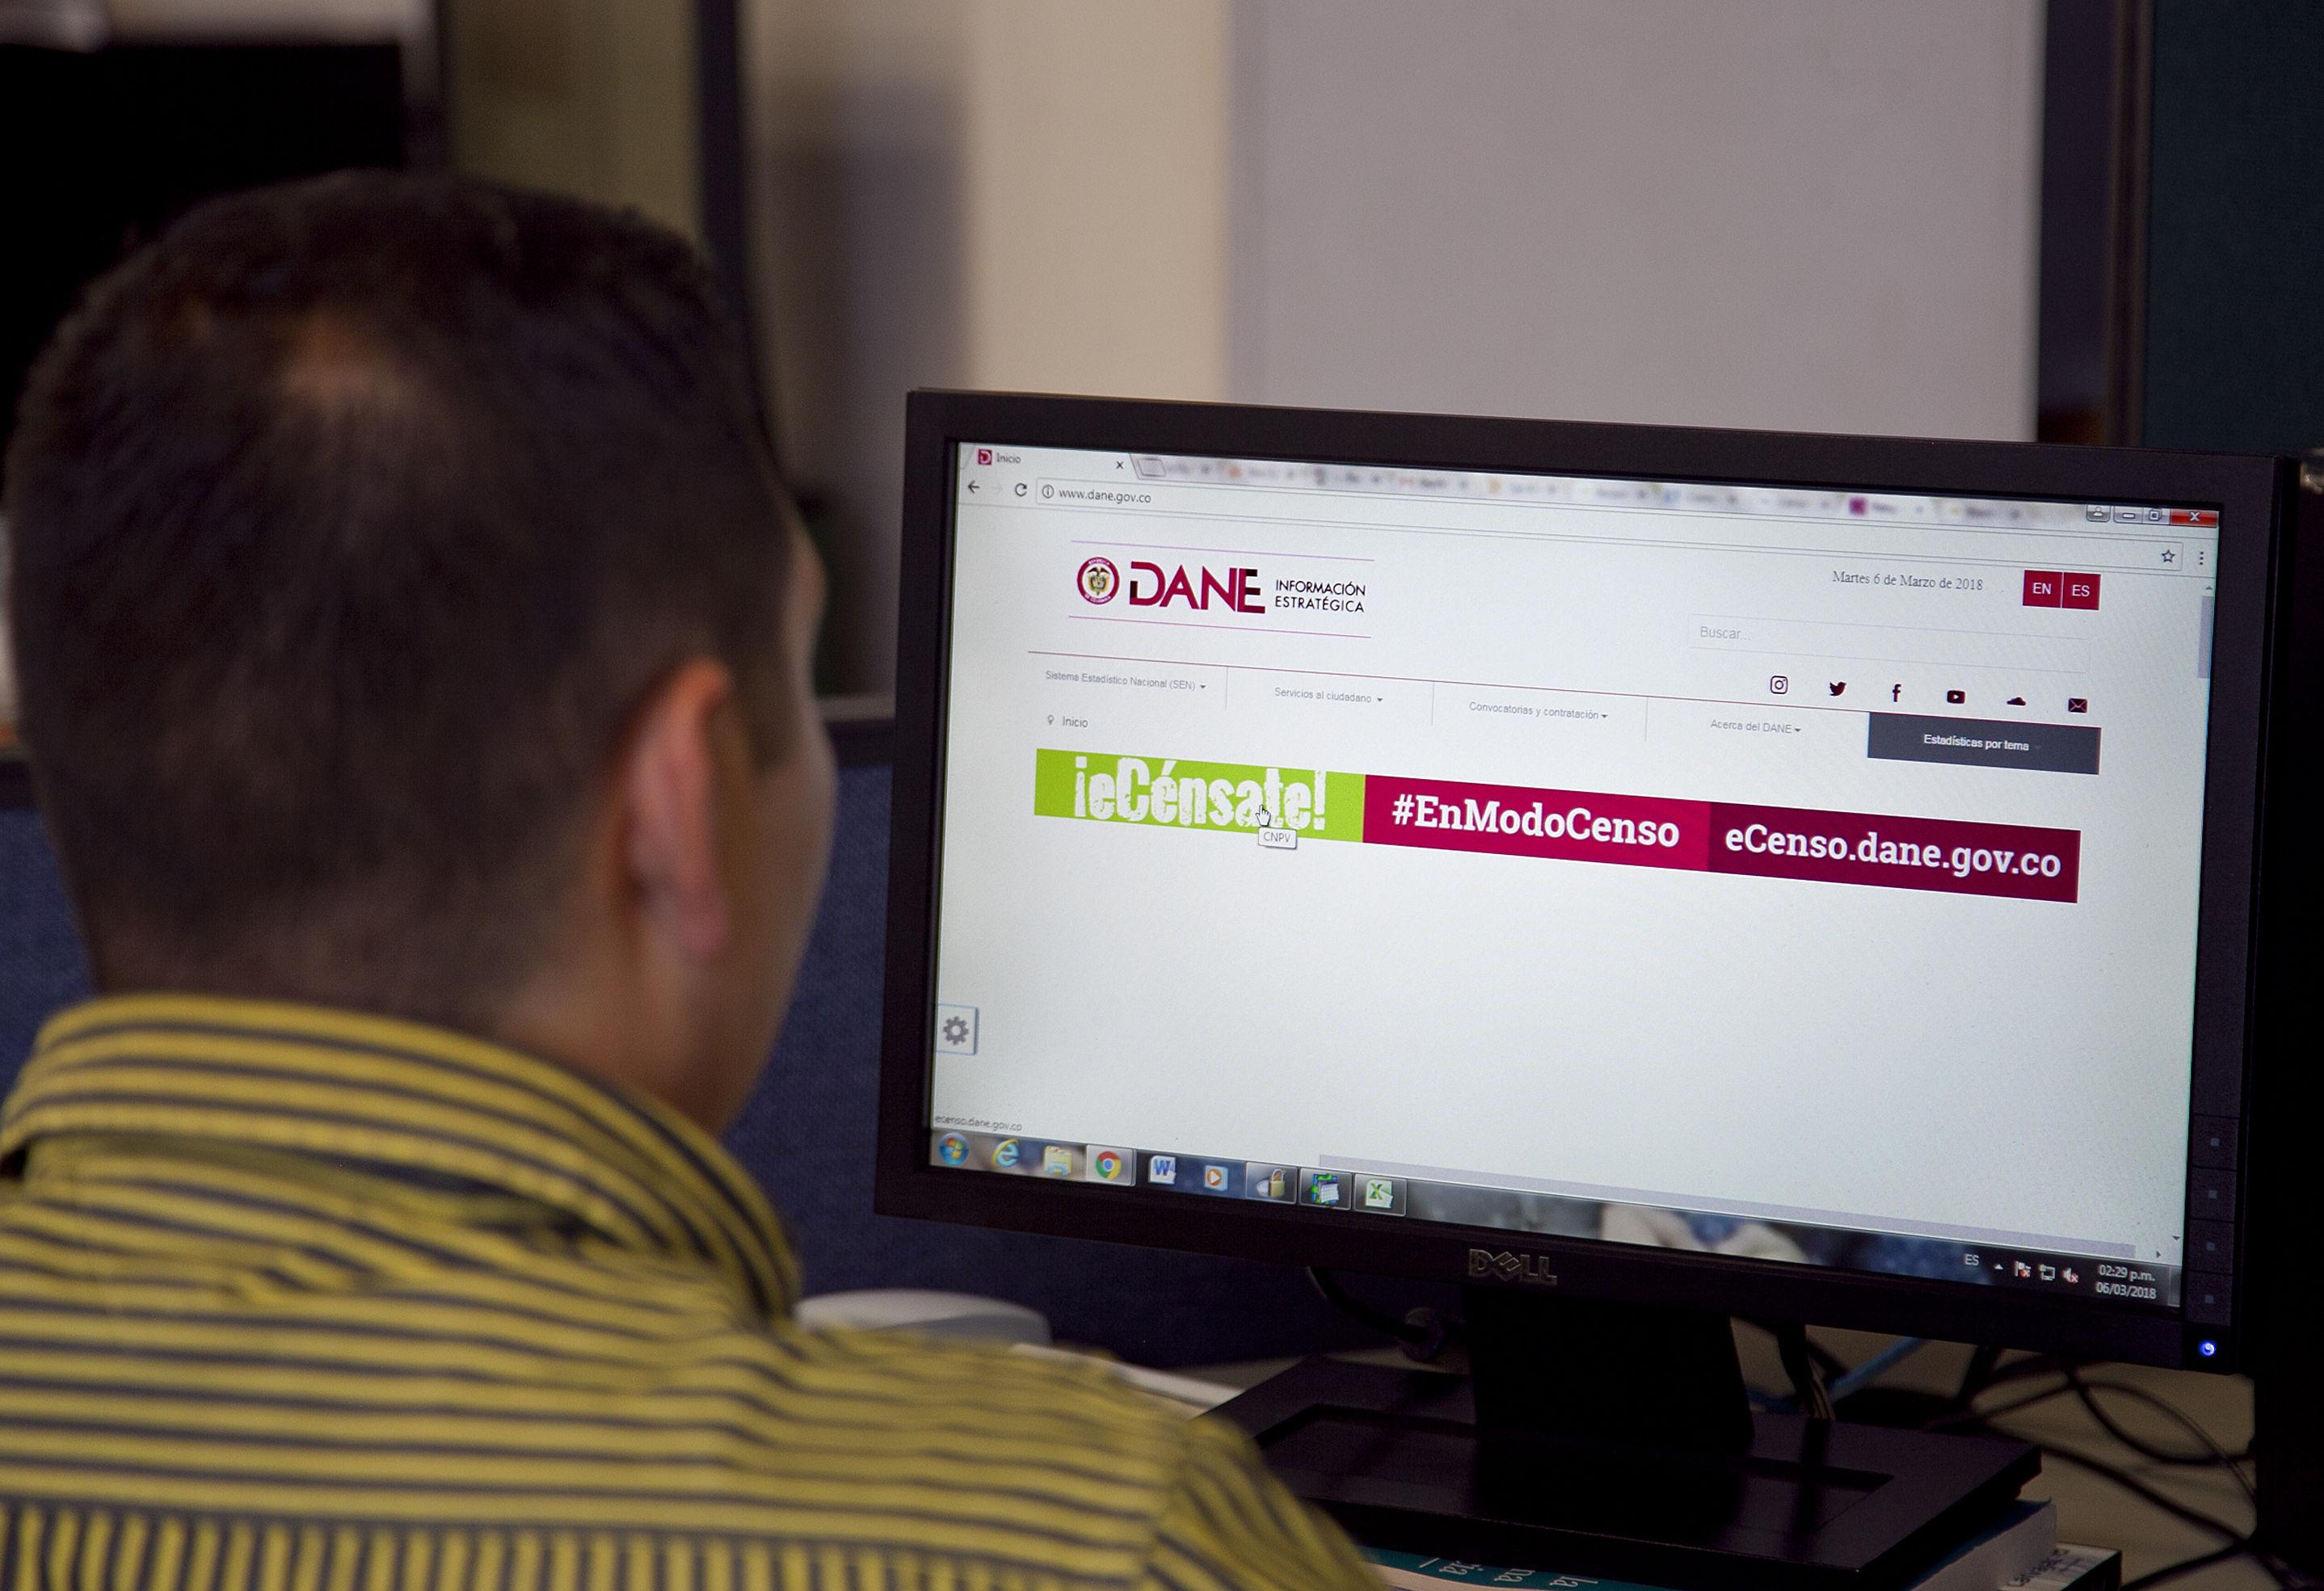 Lo que hizo el Dane para estabilizar la plataforma eCenso ...